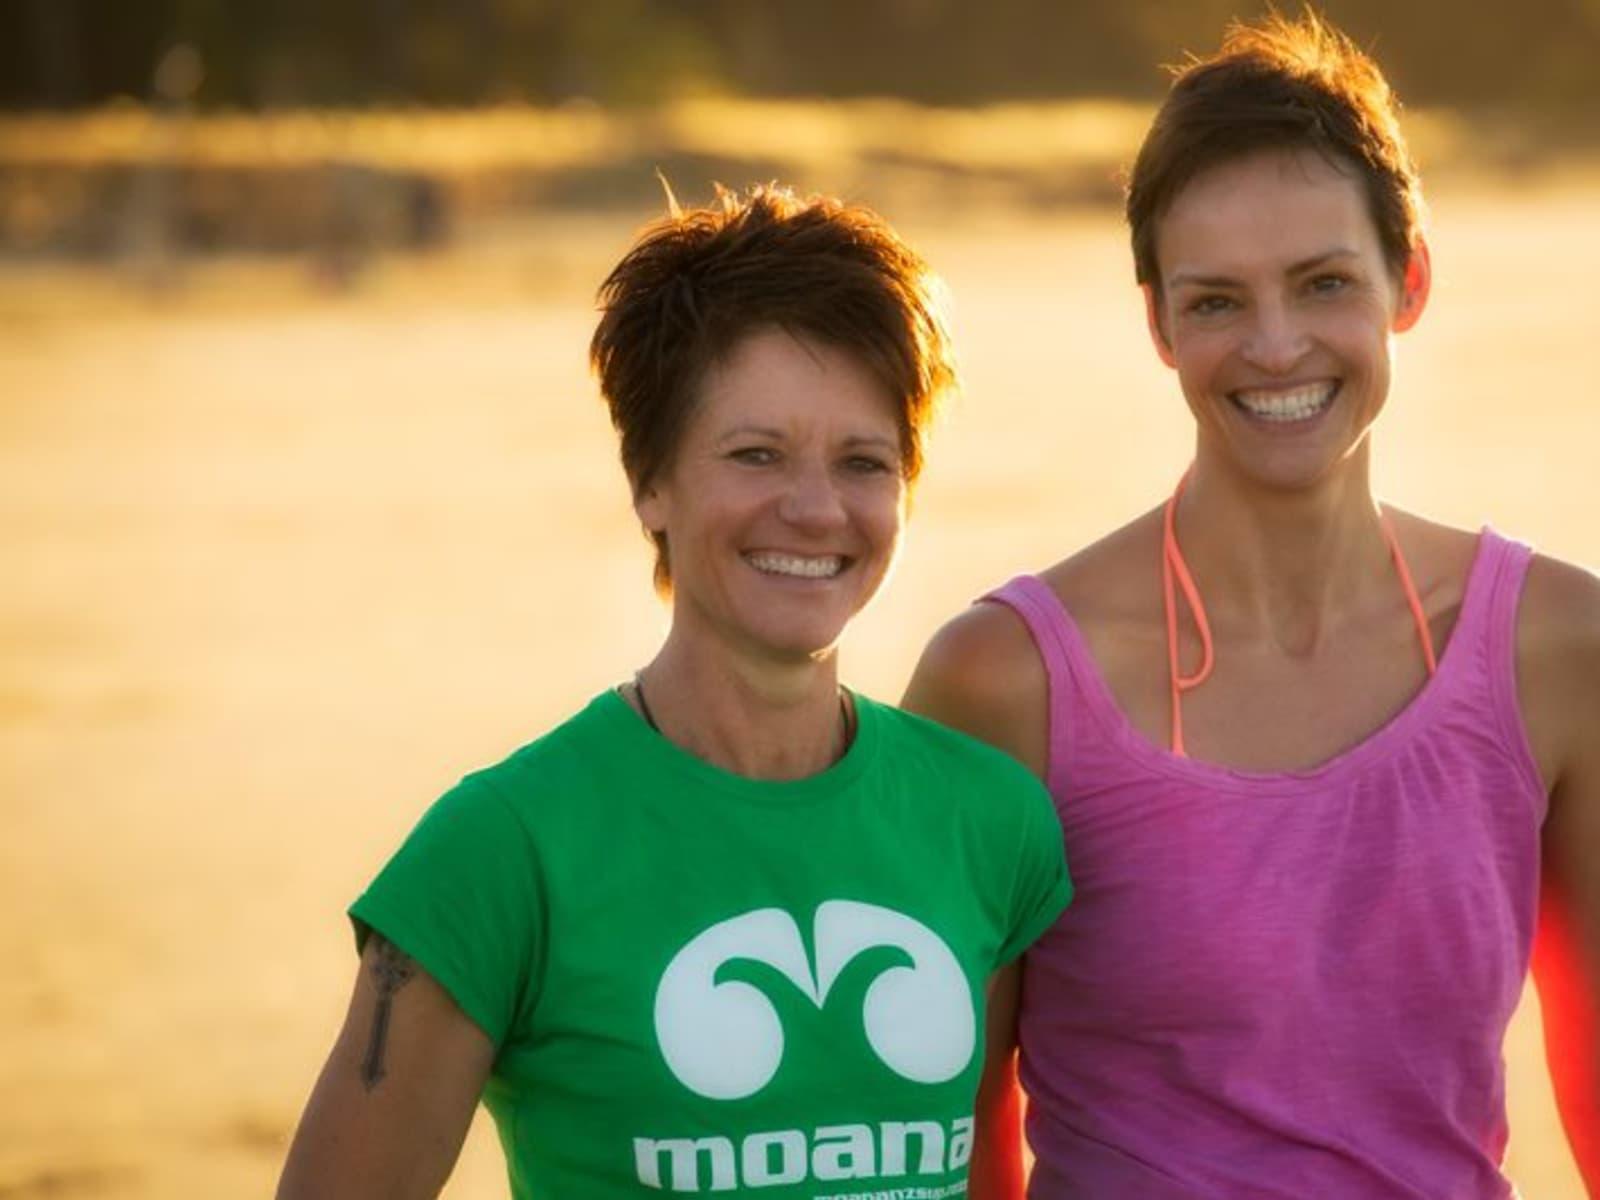 Sian & Karyn from Nelson, New Zealand